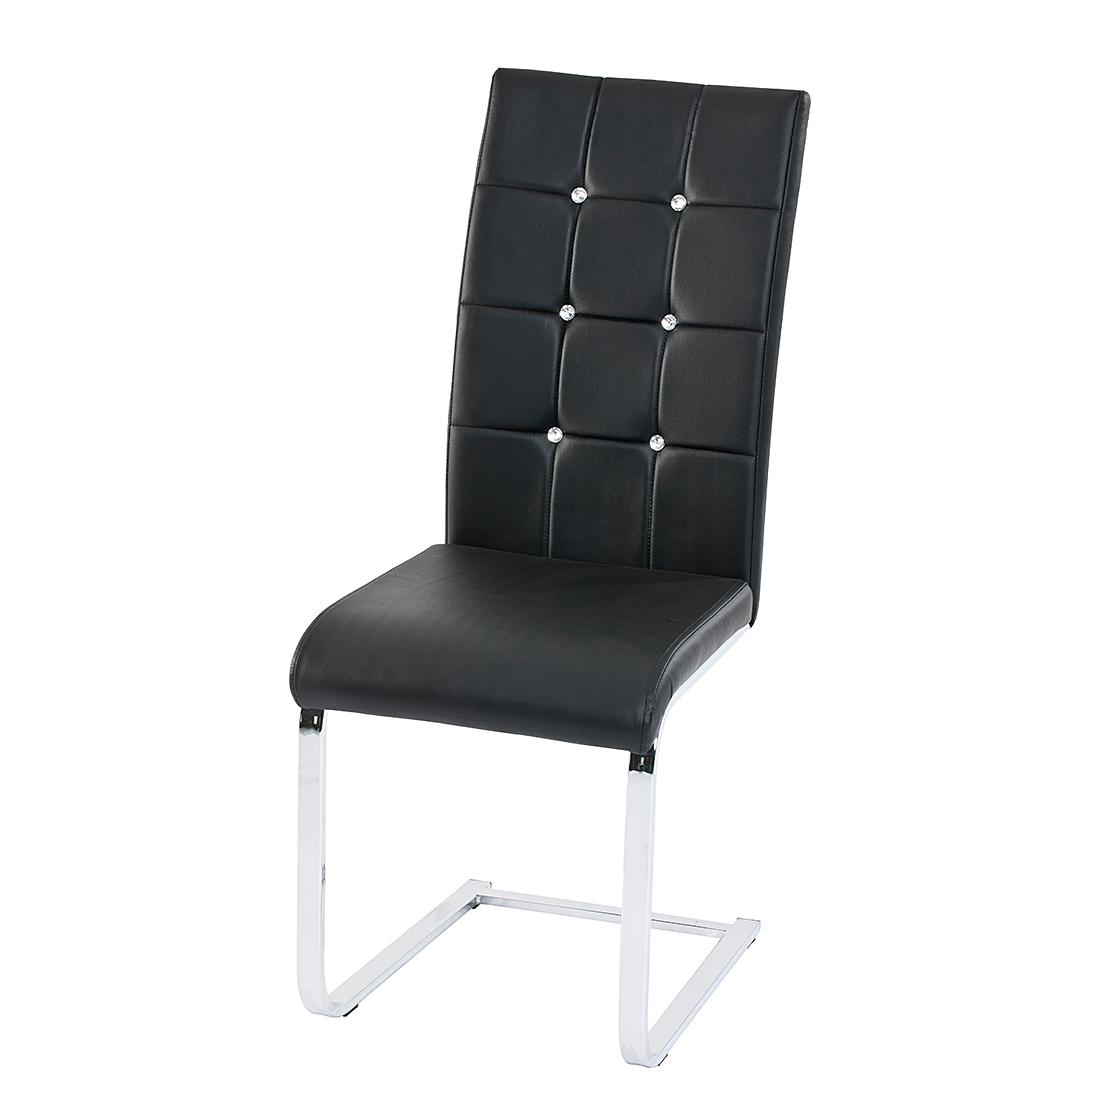 Fredriks Eetkamerstoel Carina (4-delige set) - diamanten elementen - zwart kunstleer Home24